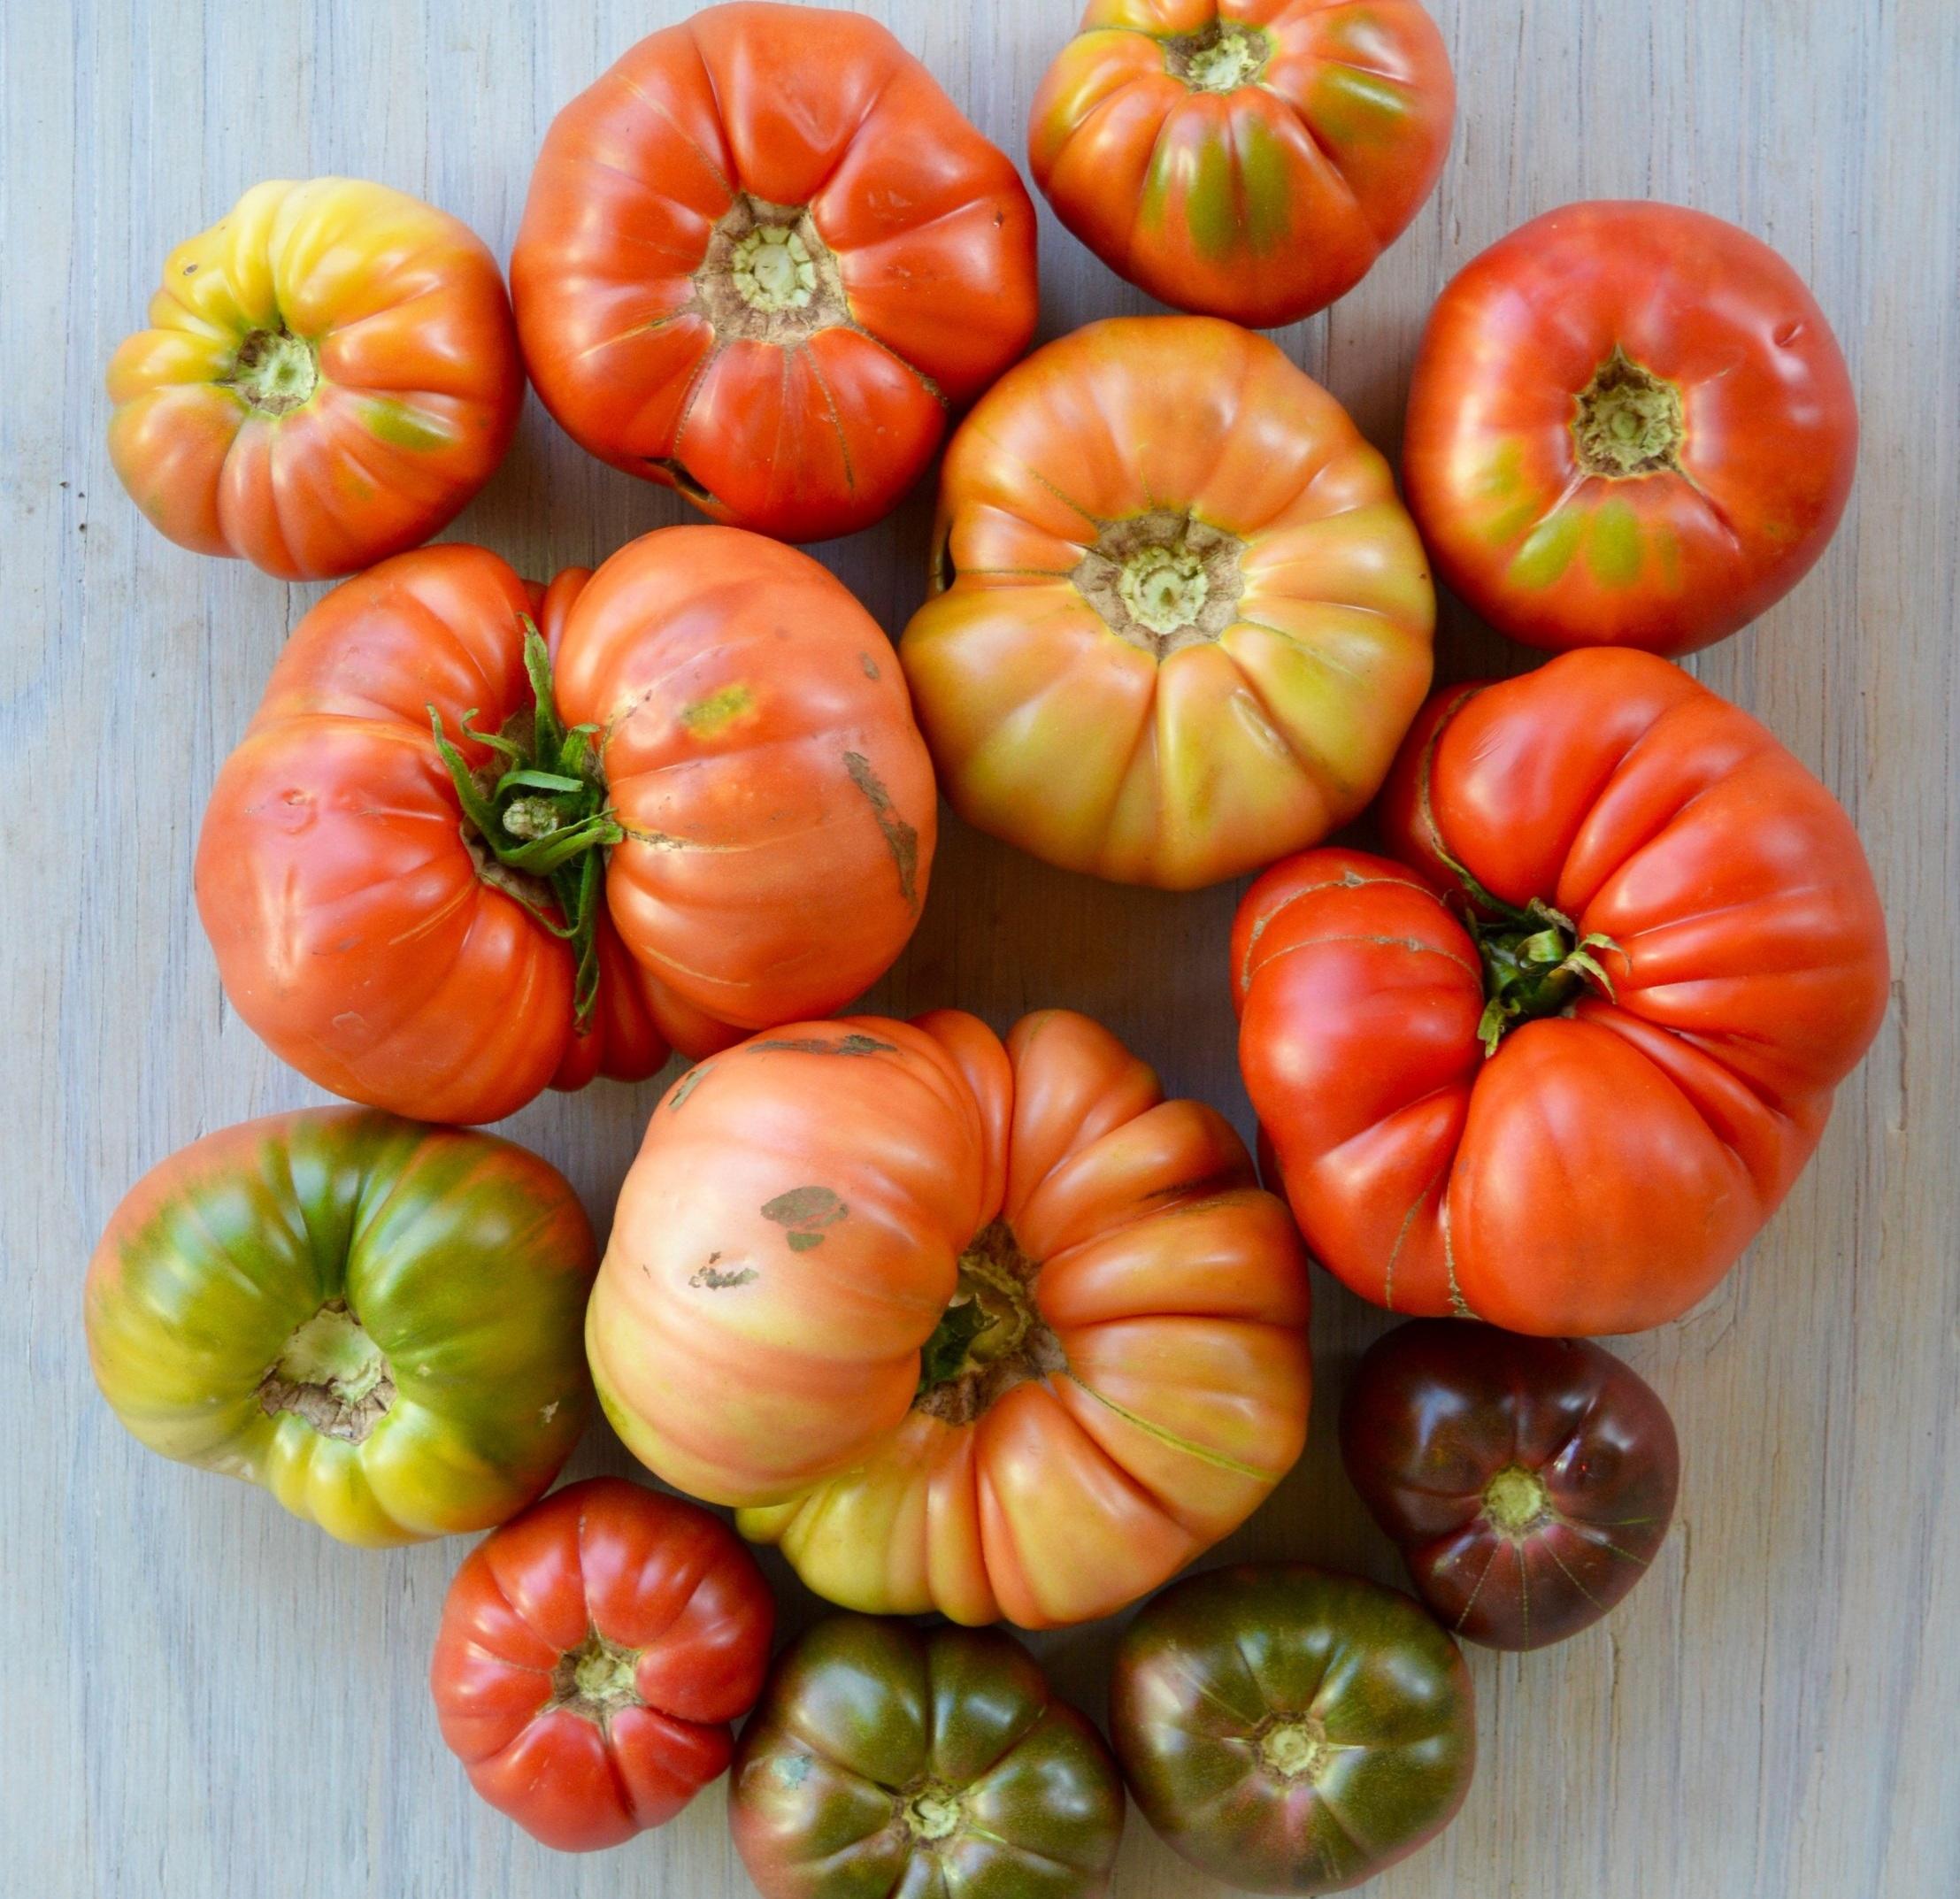 Tomatoes : Heirloom (Cherokee, Brandywine, Red Pear, Striped German, and Costoluto), Beefsteaks, and Plum/Paste